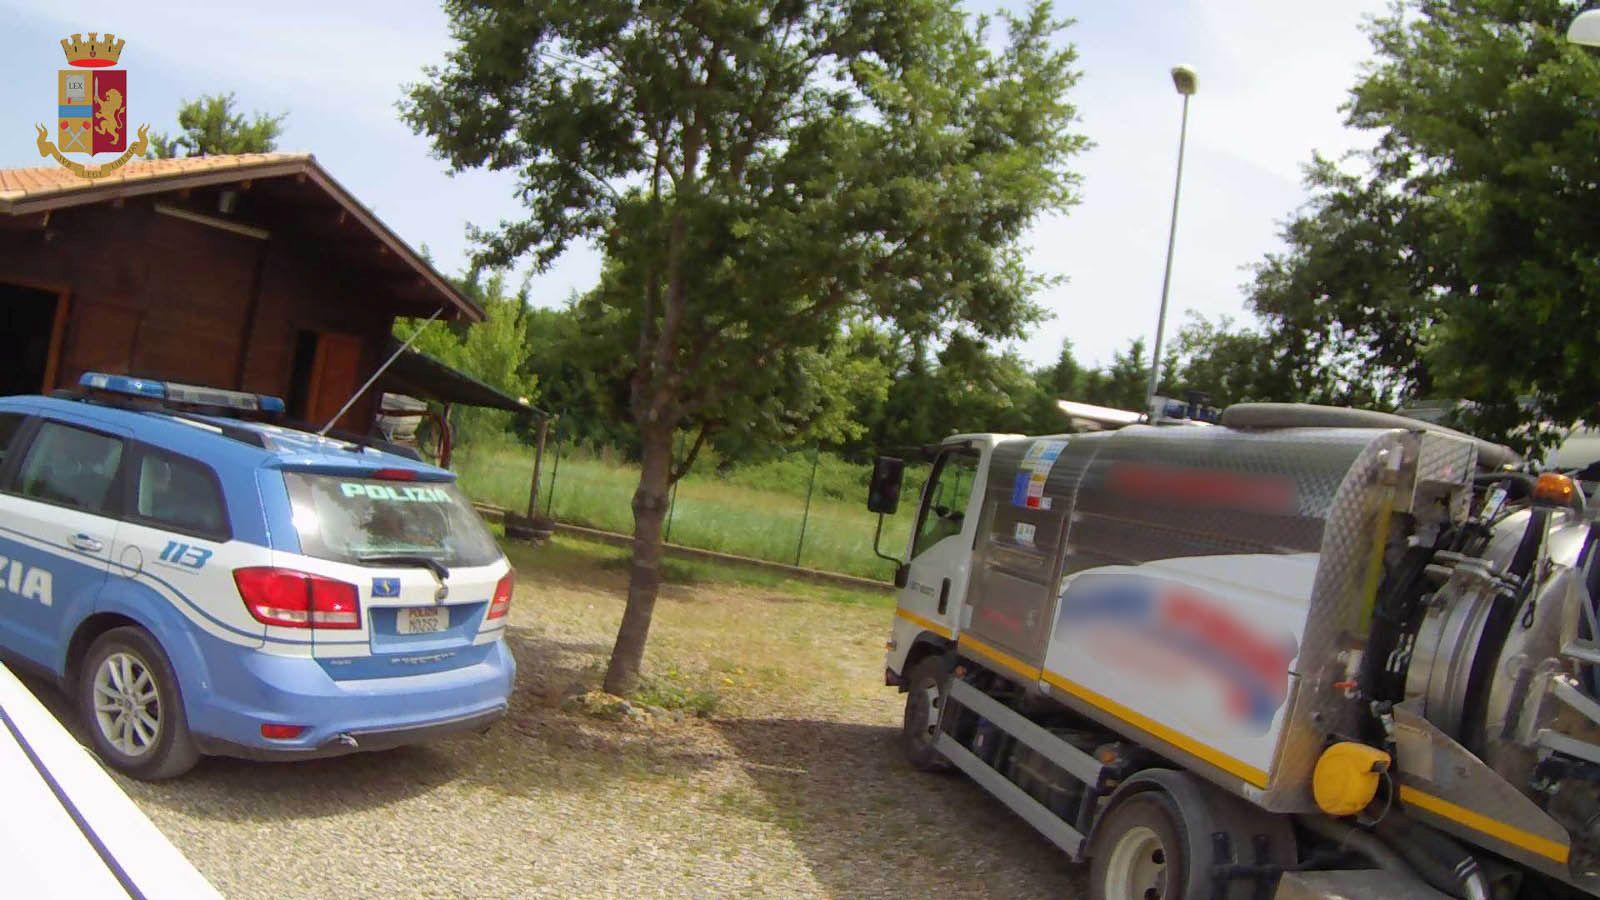 Trasporta rifiuti sulla Palio ma non è in regola: multato per più di tremila euro